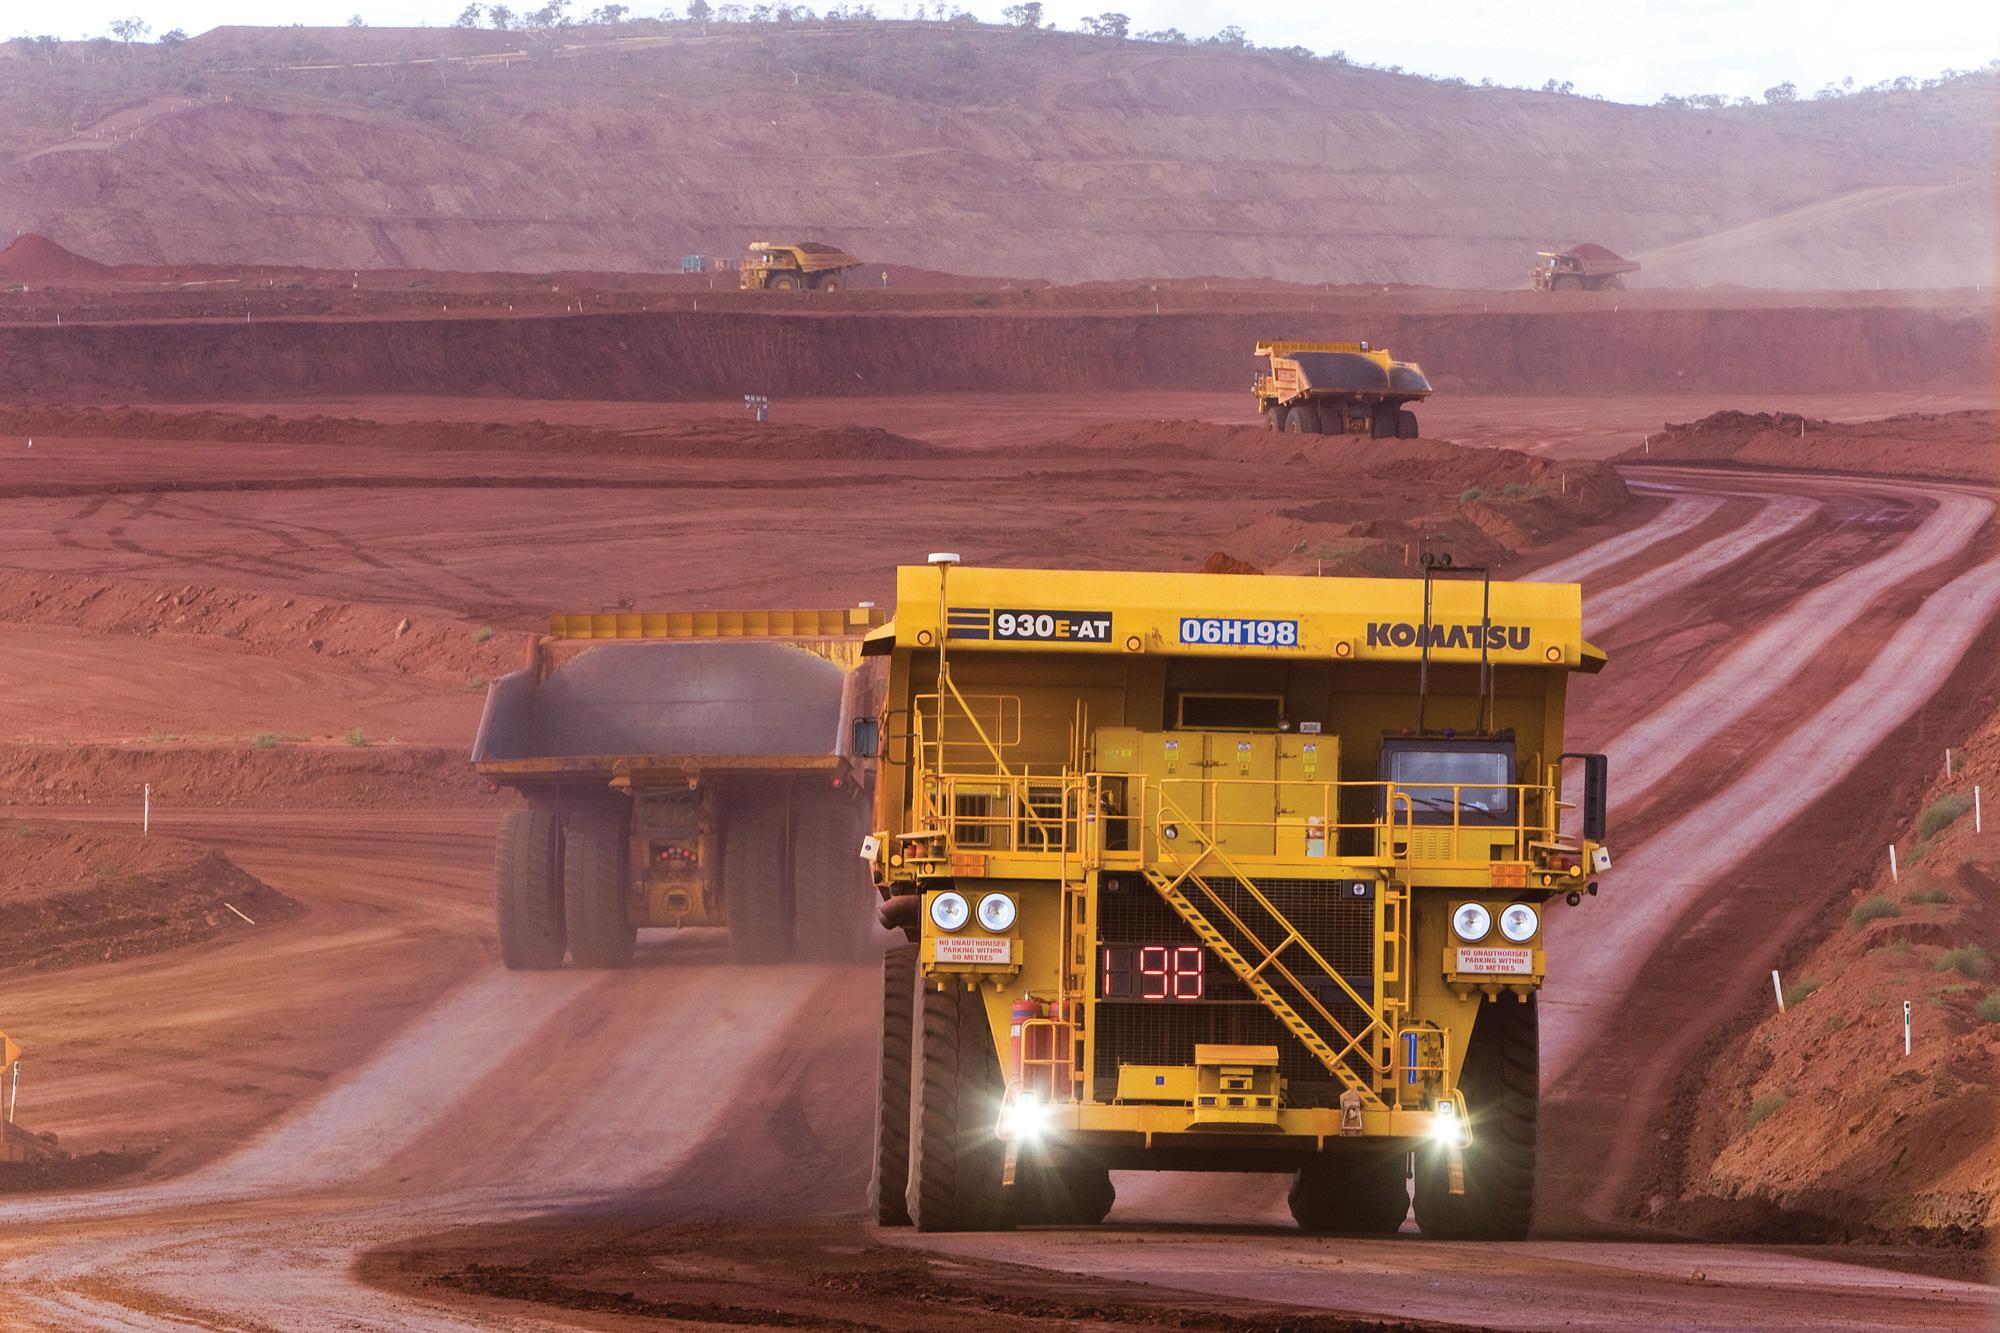 雇用ゼロ社会の前触れ? コマツの無人ダンプで 鉱山運用コスト15%削減